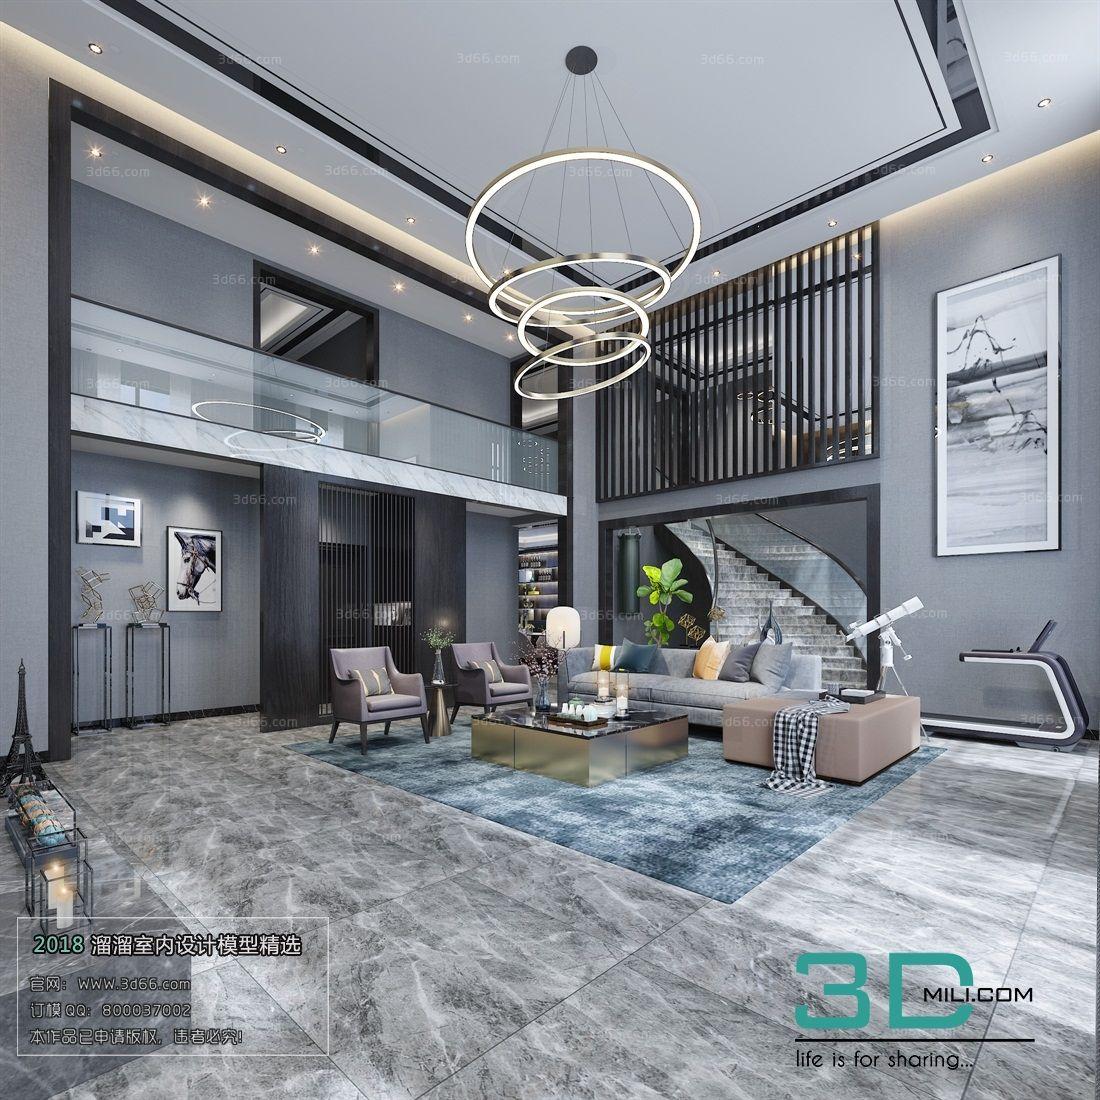 35 Modern Living Room 3dsmax File Free Download 3d